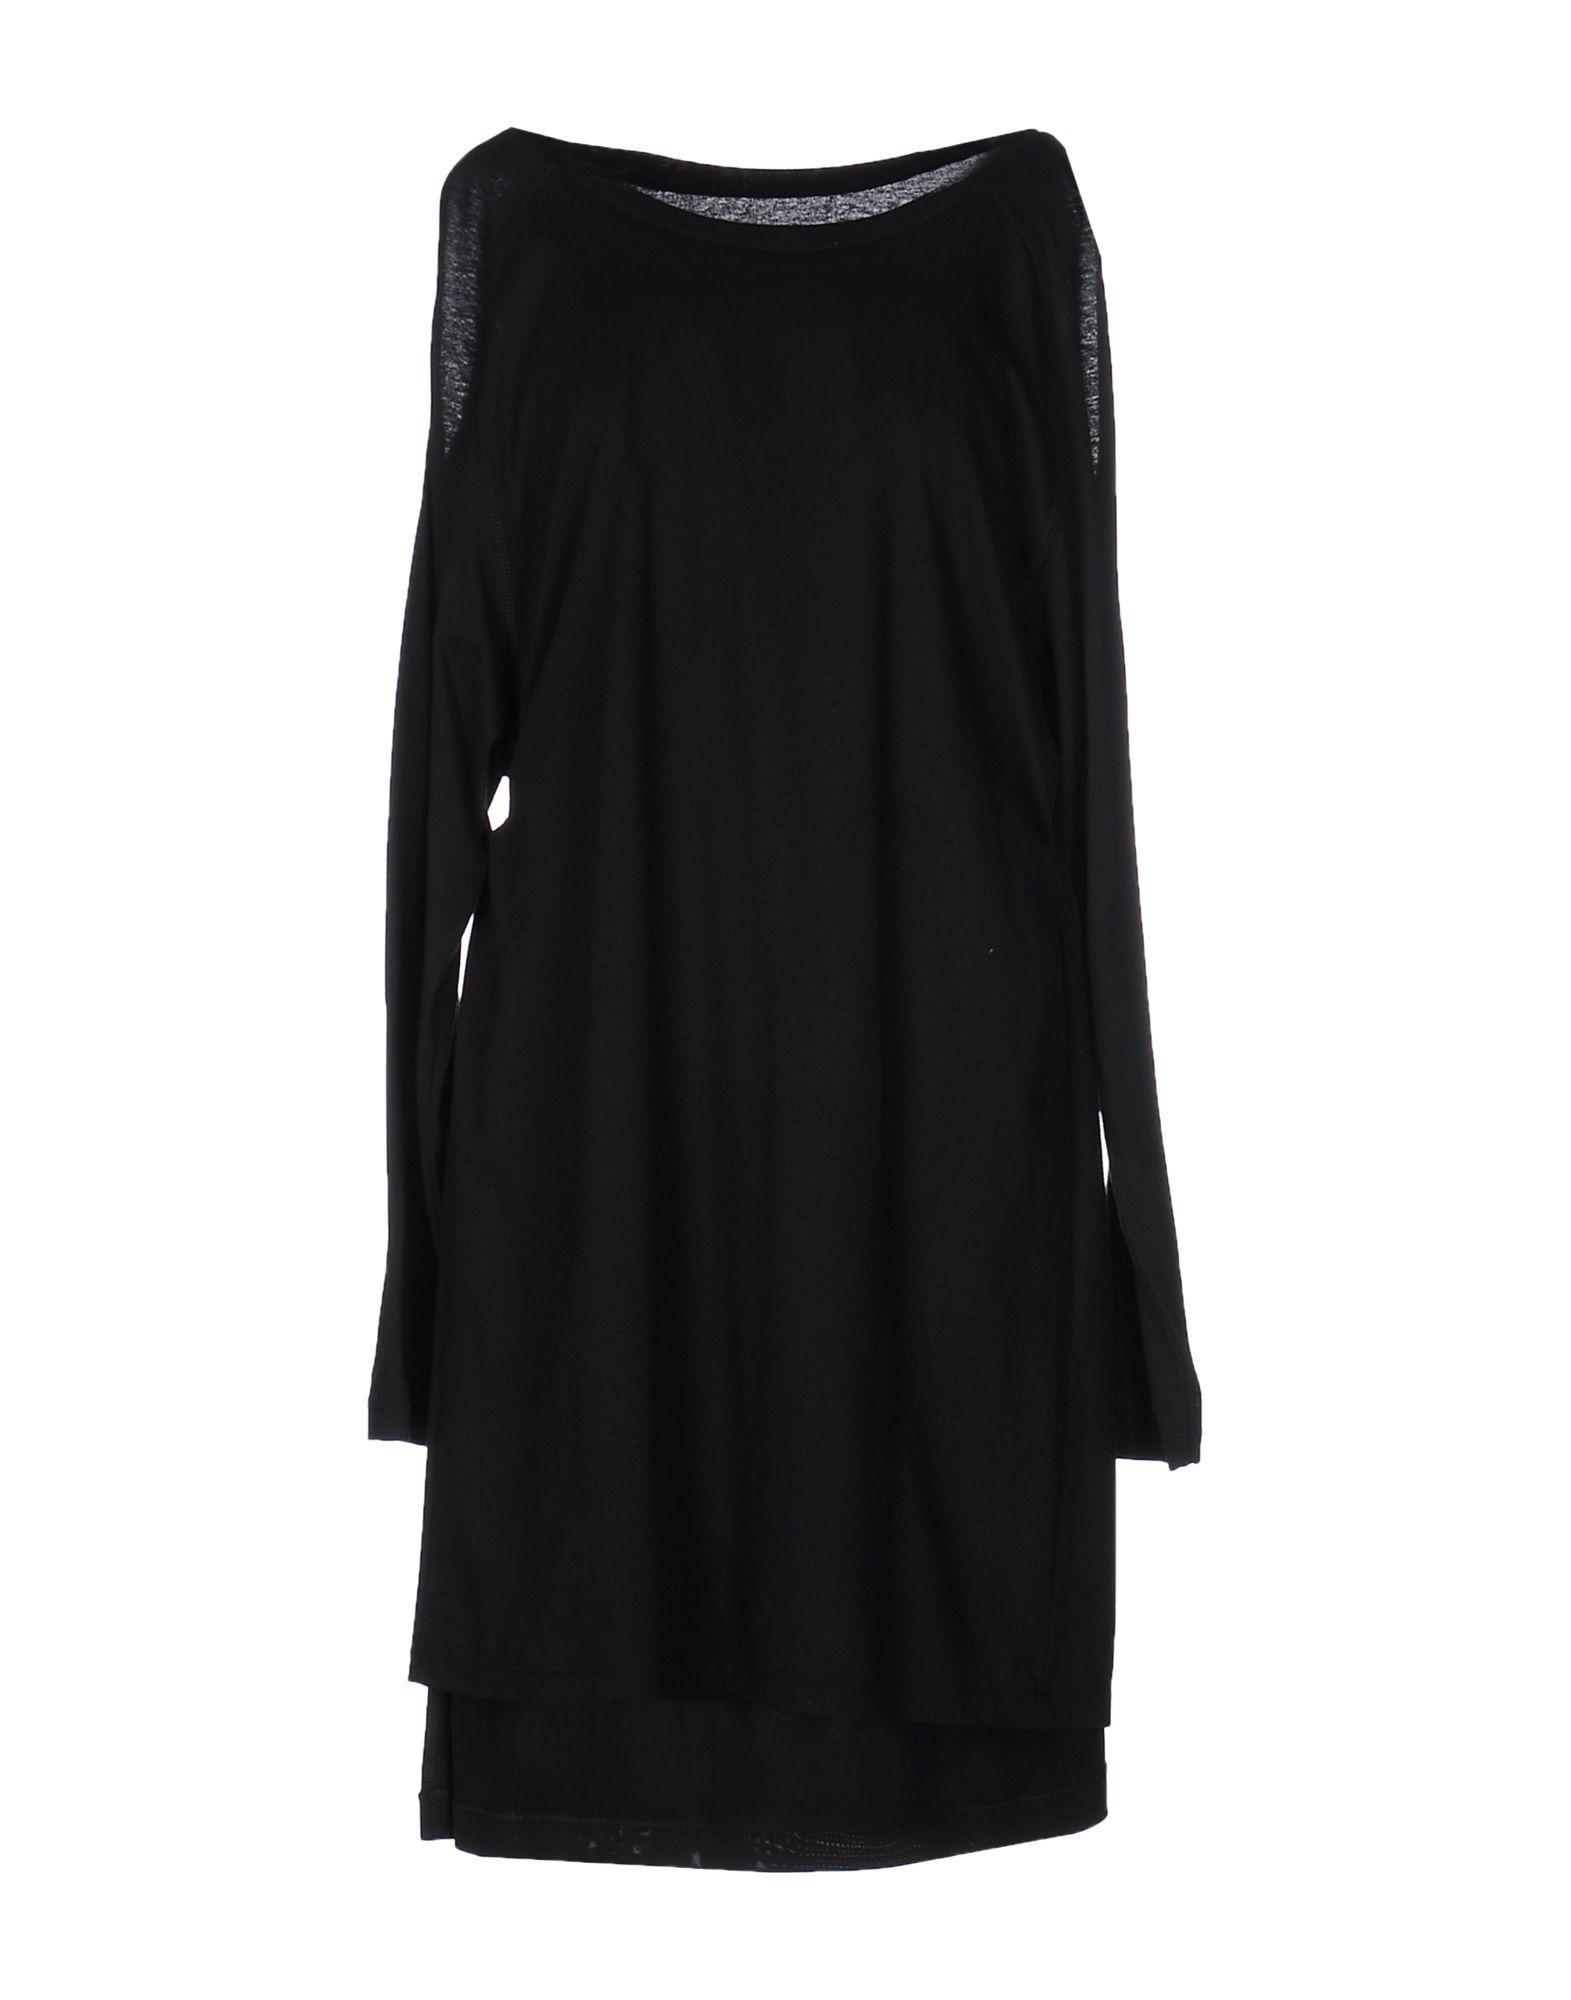 MM6 MAISON MARGIELA Damen Kurzes Kleid Farbe Schwarz Größe 5 - broschei